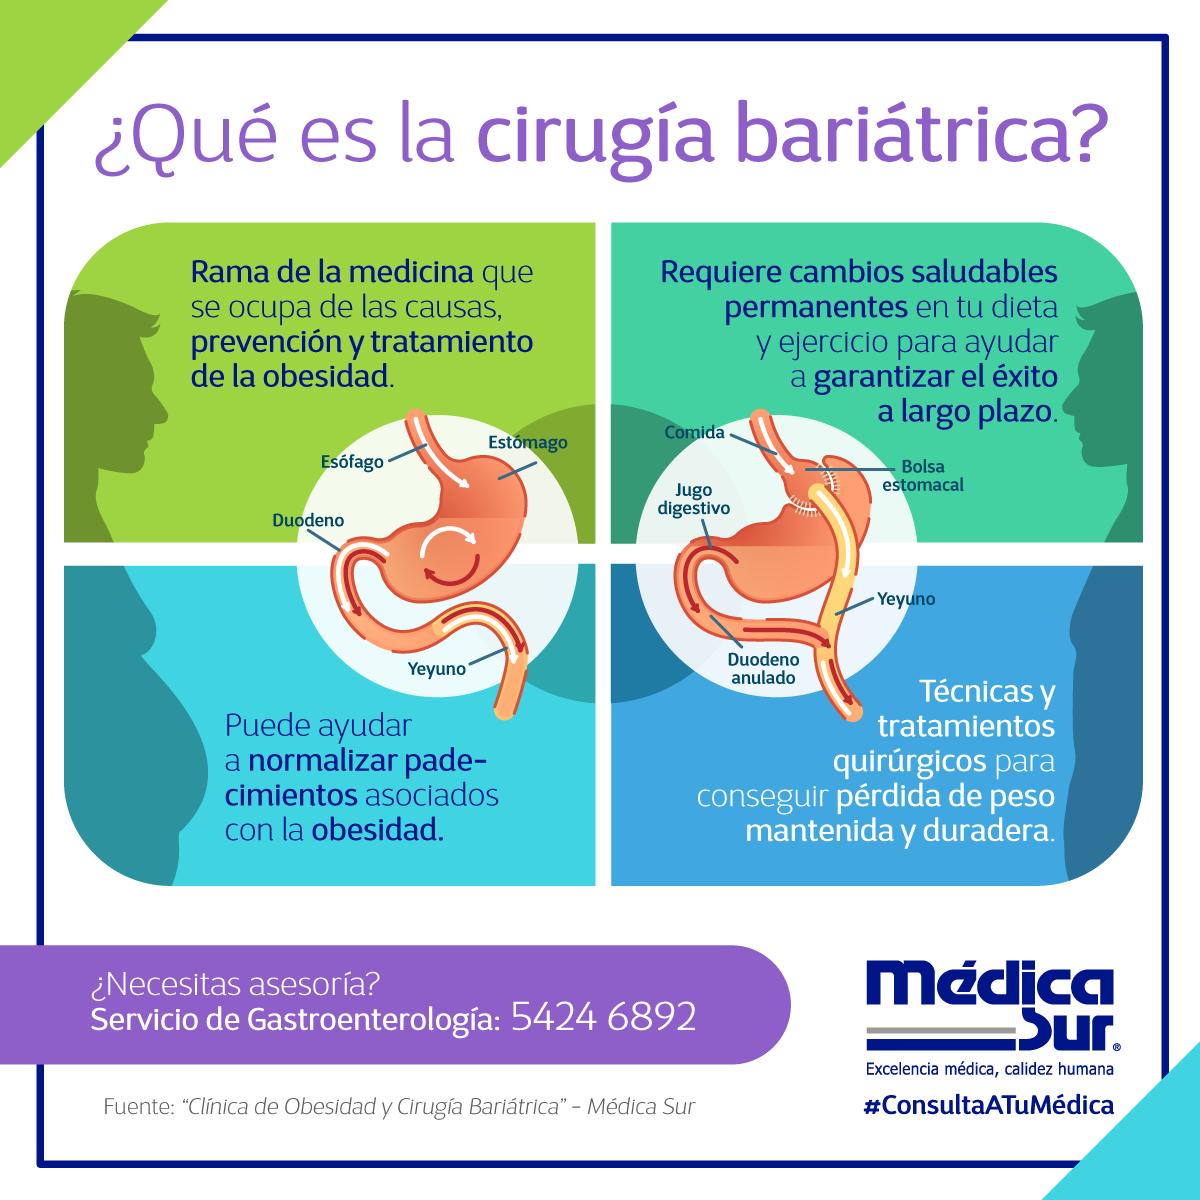 Quieres Saber Más Sobre La Cirugía Bariátrica Acércate A Nuestro Servicio De Gastroenterología Contamos Con Ex Cirugia Bariatrica Obesidad Salud Y Bienestar